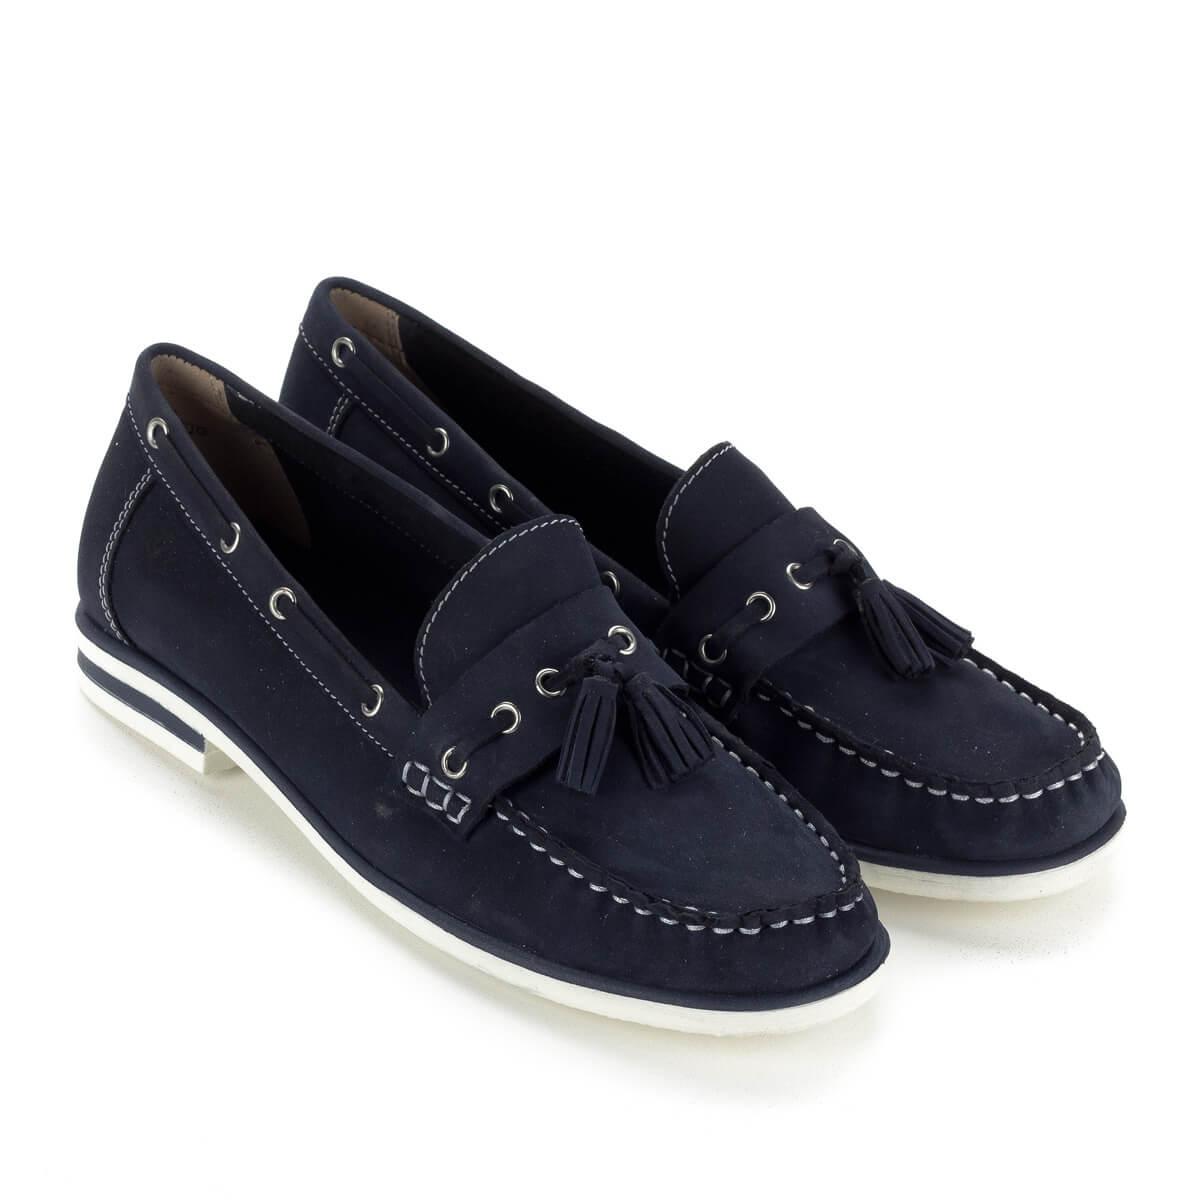 Kék Caprice bőr mokaszín fehér gumi talppal. Klasszikus nyári bőr cipő 8f057612af